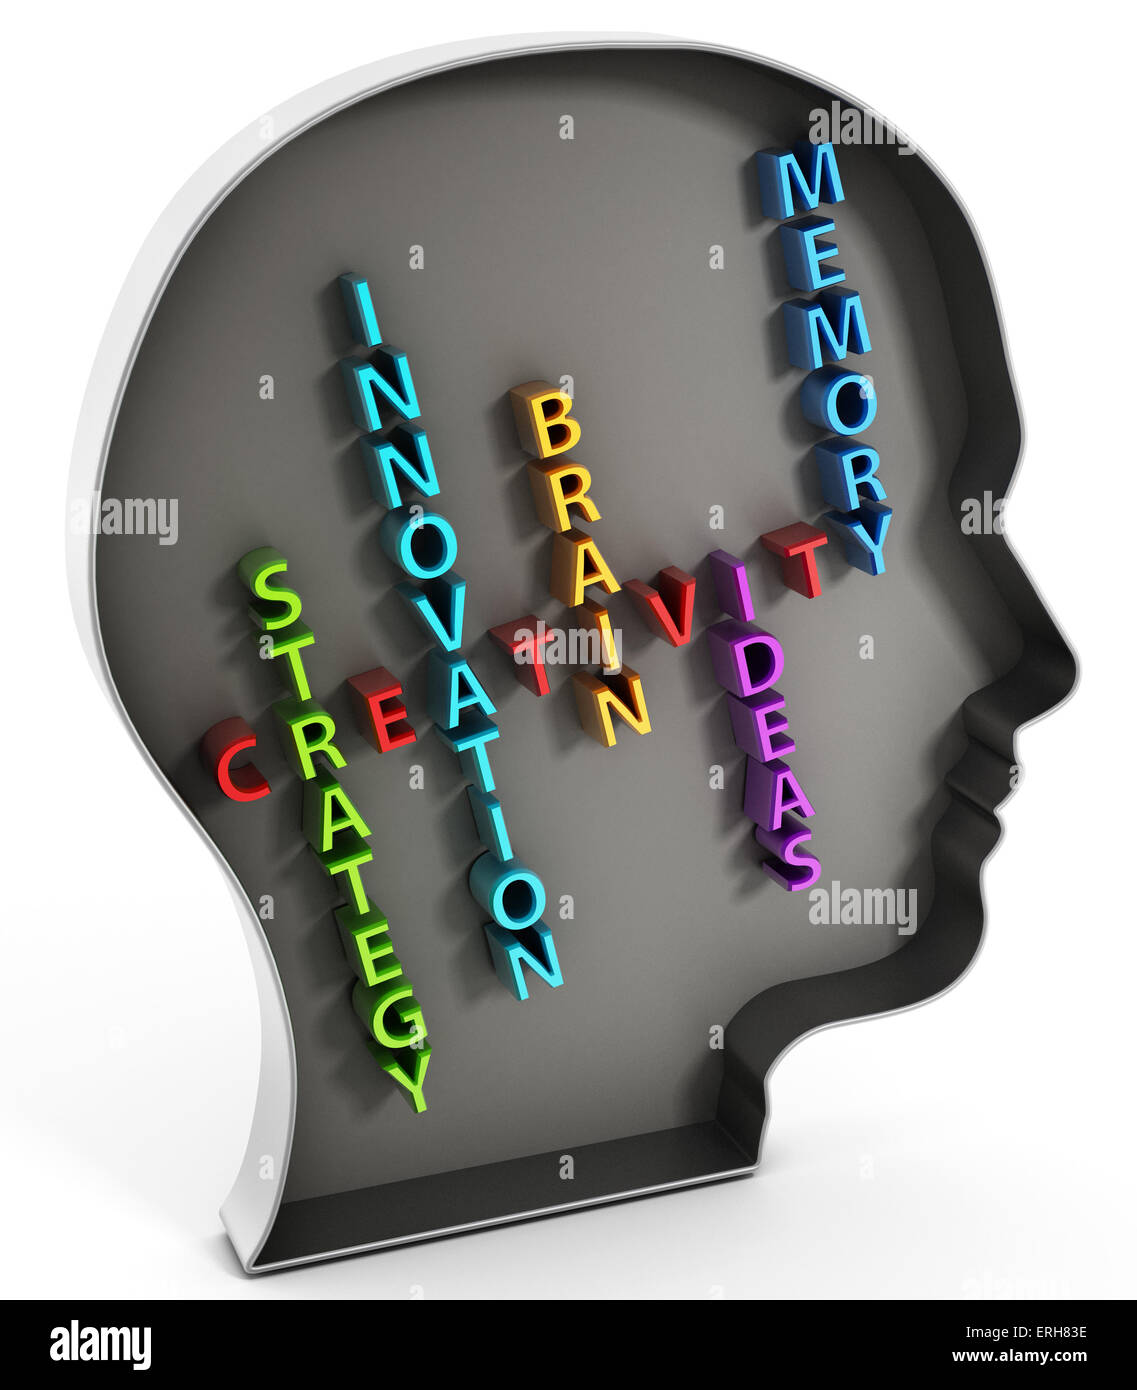 Il concetto di creatività, di parole all'interno della forma della testa. Immagini Stock